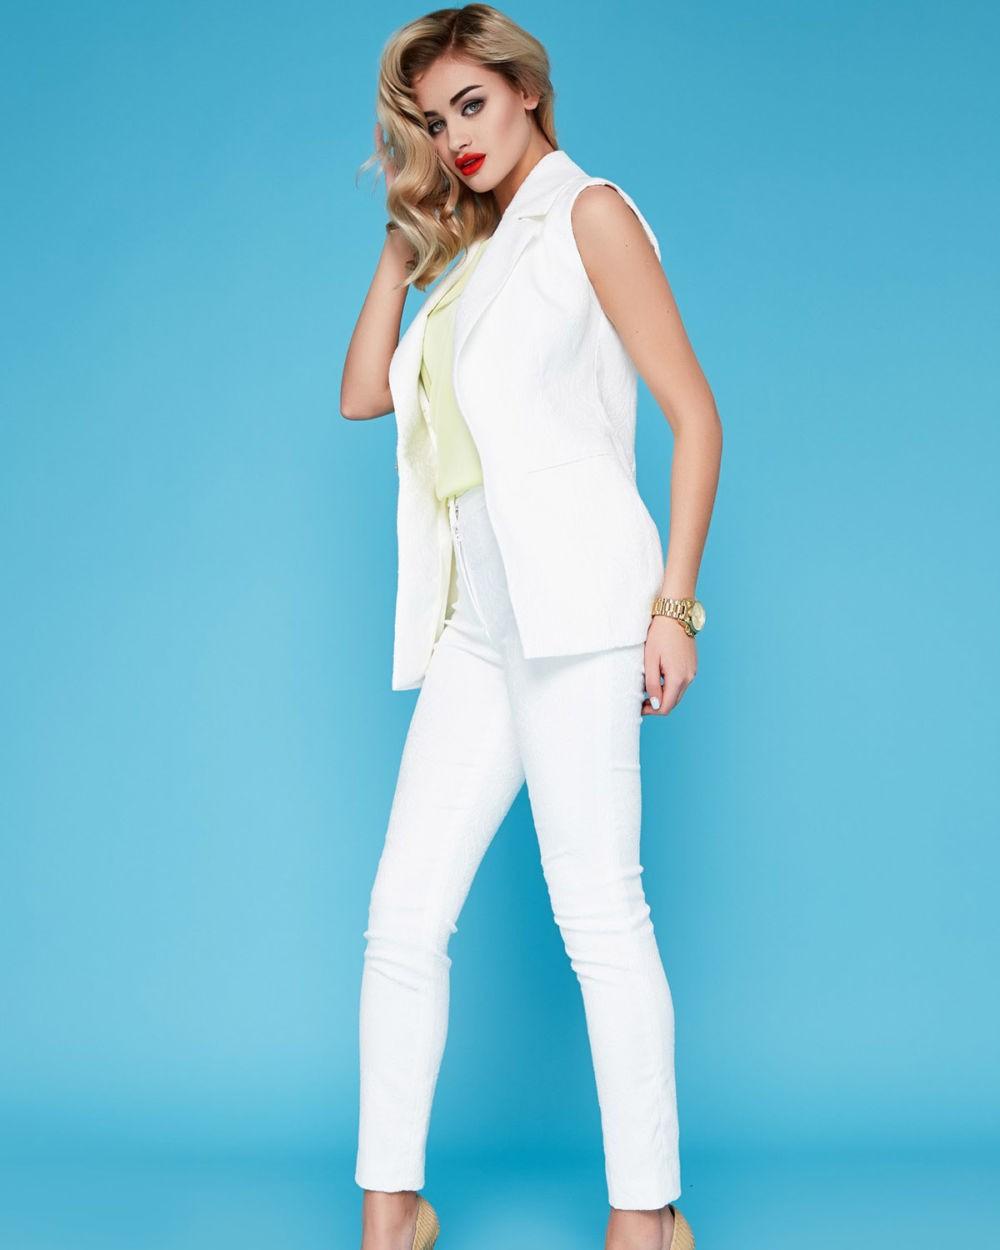 Белые брюки женские: узкие под жилетку